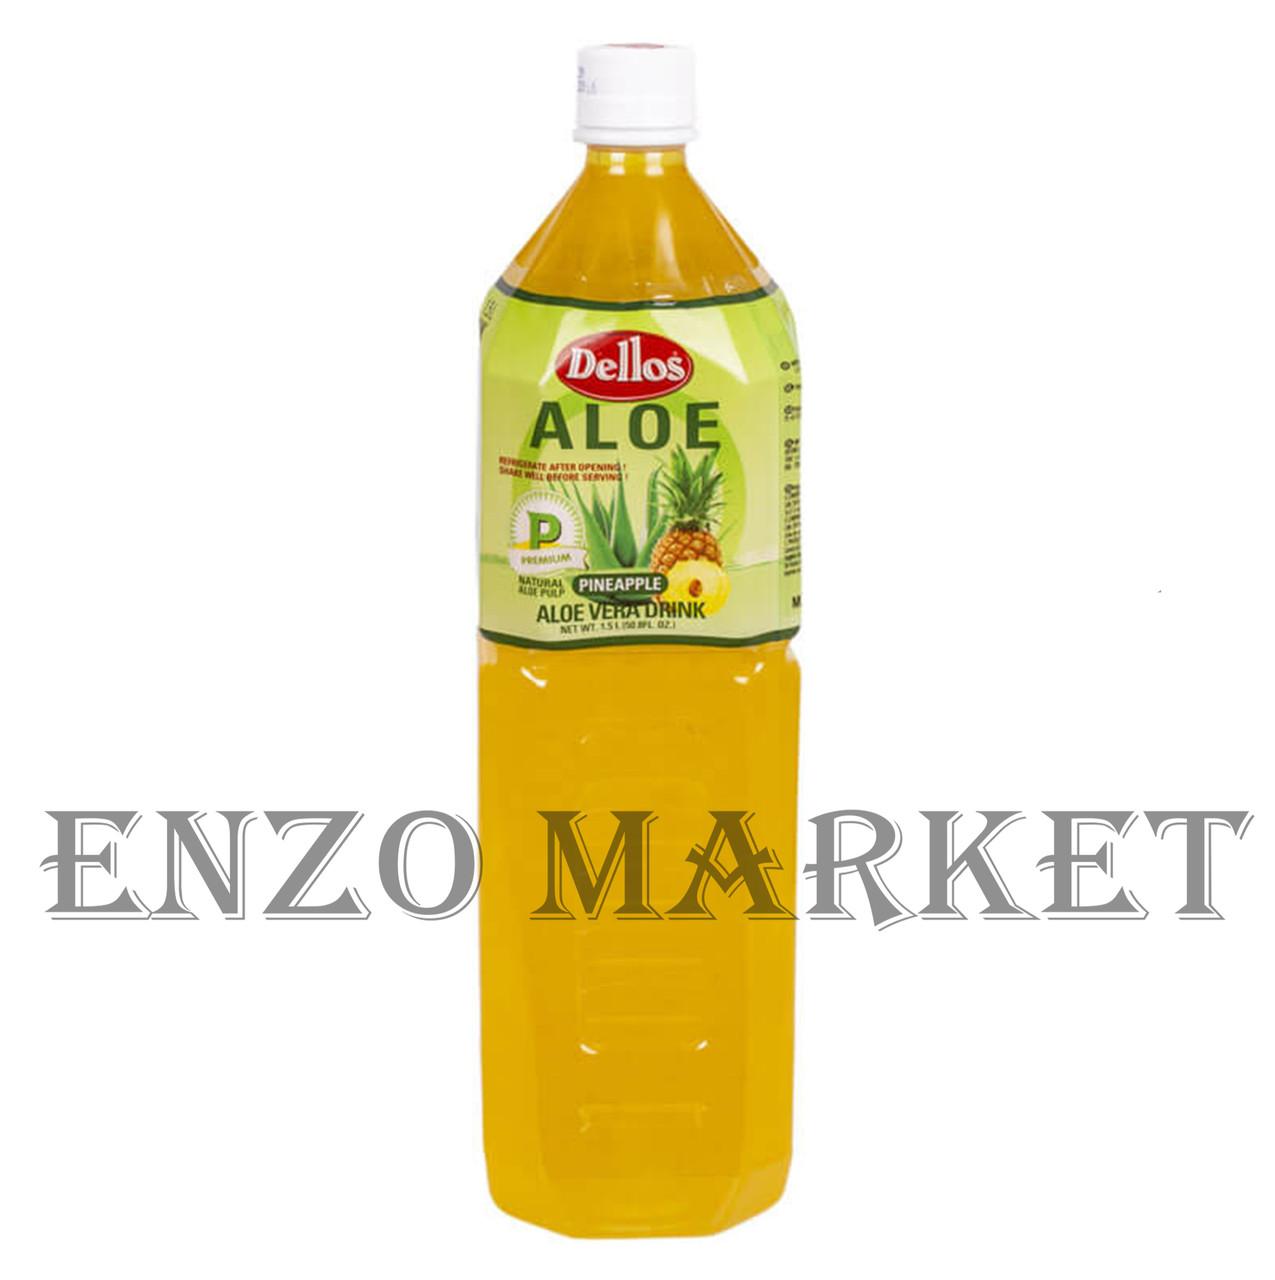 Напиток Аloe Vera Drink Pineapple Dellos (алоэ+ананас), 1,5 литра